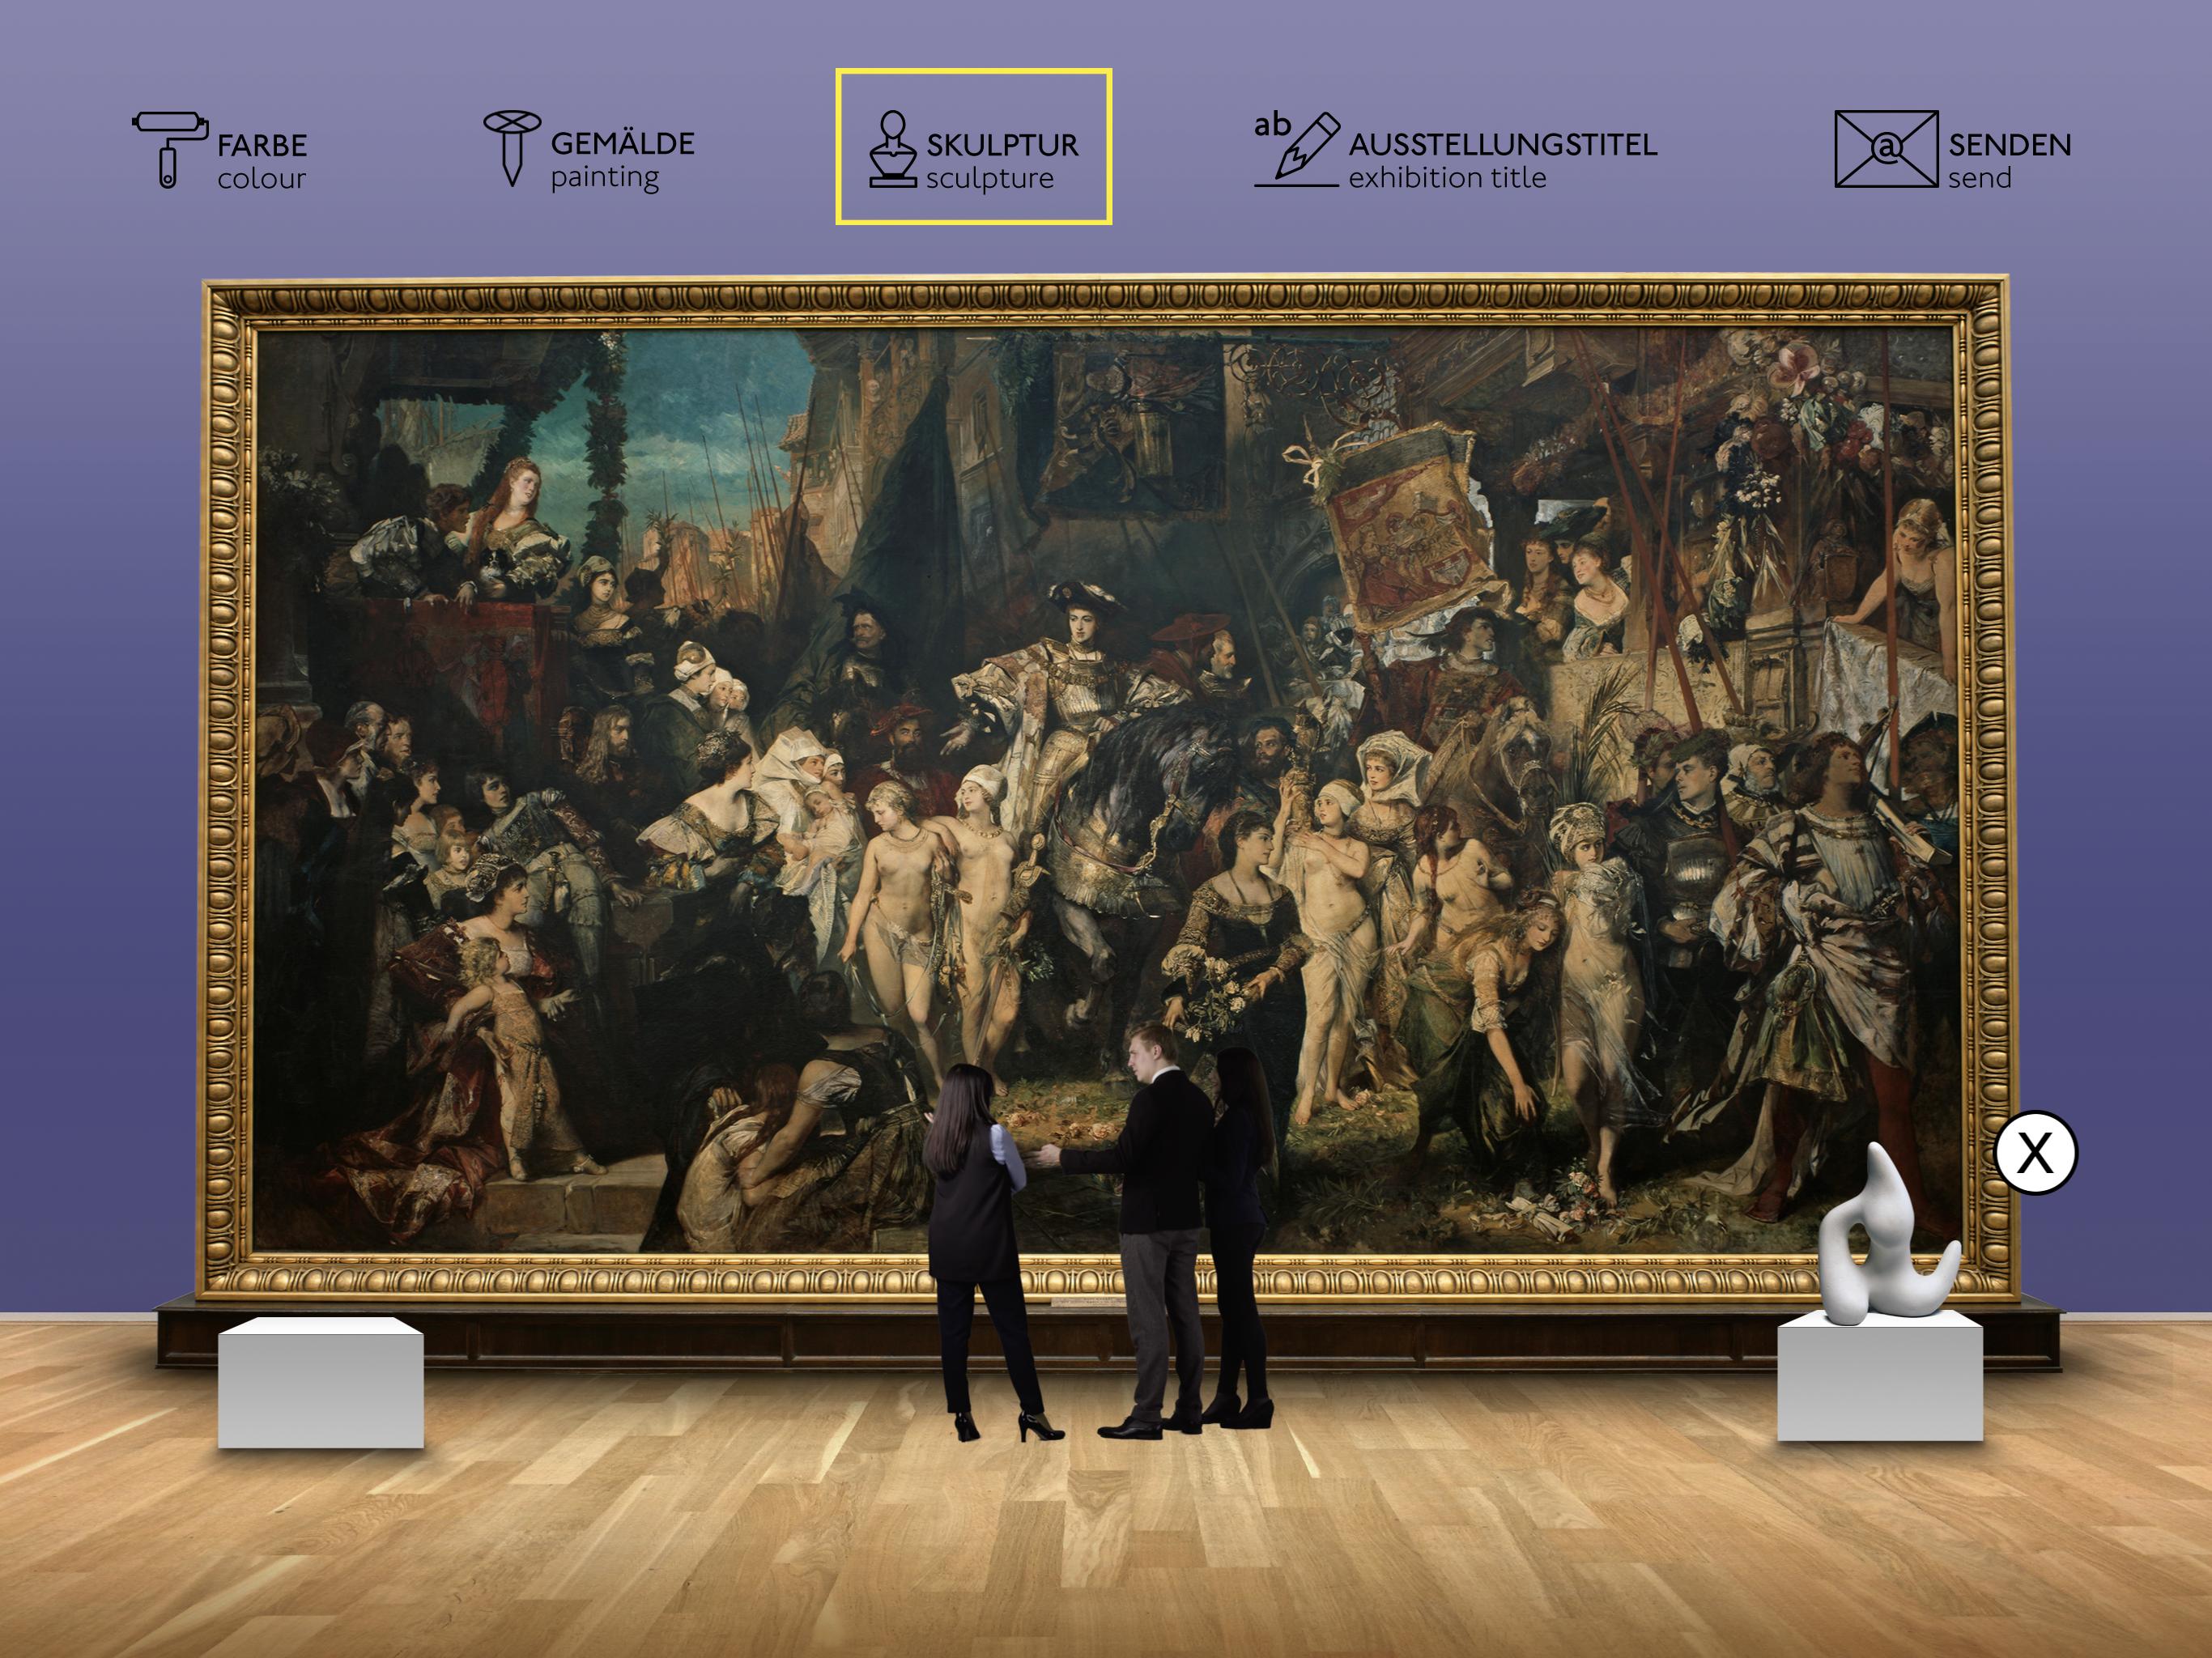 App zum Makart Saal der Hamburger Kunsthalle